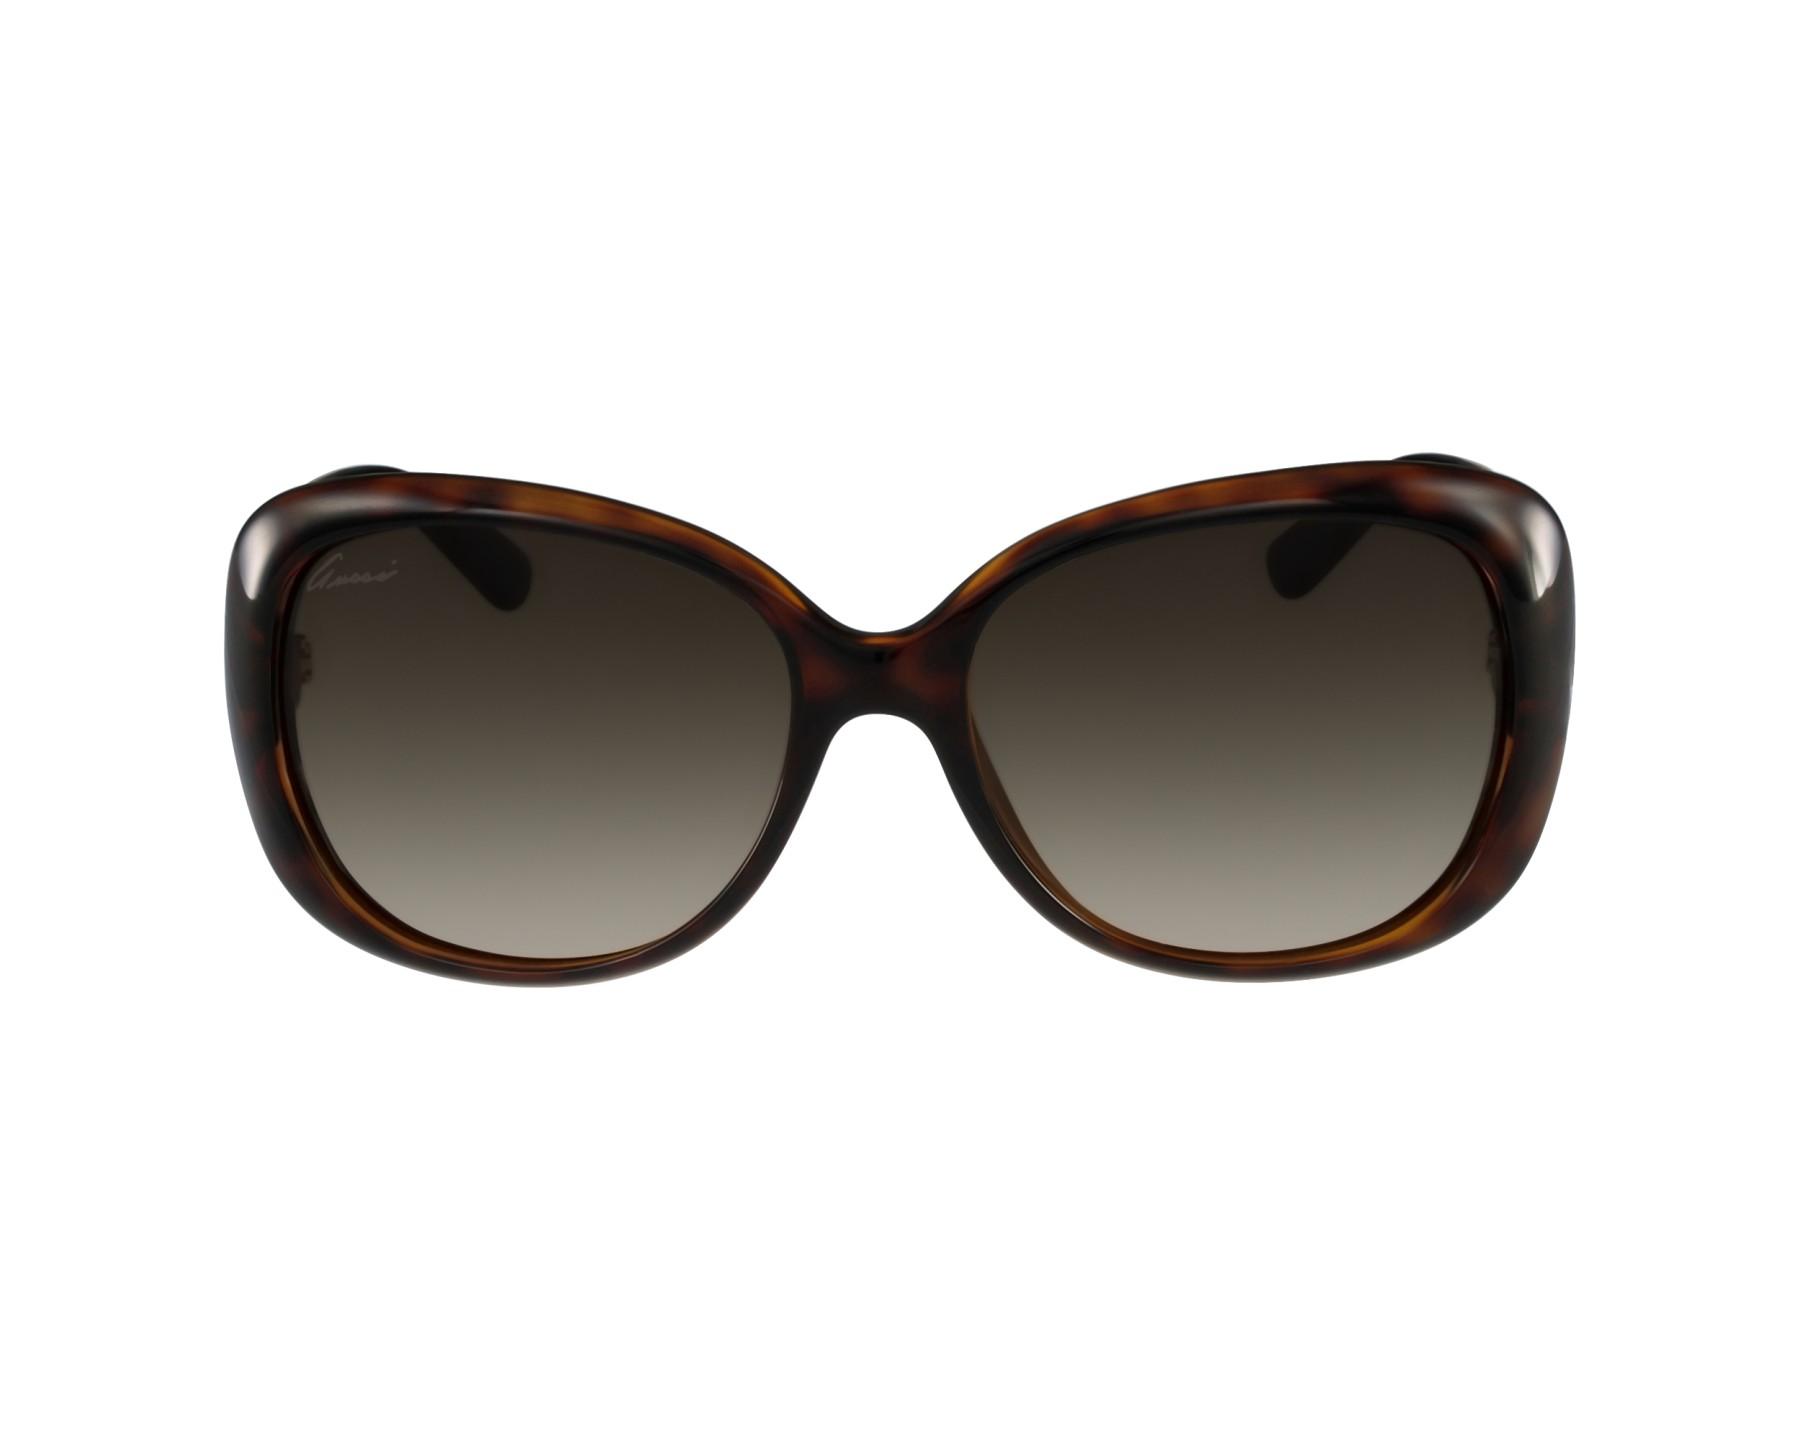 36b67351c3 Gafas de sol Gucci GG-3644-S DWJ/HA - Havana vista de